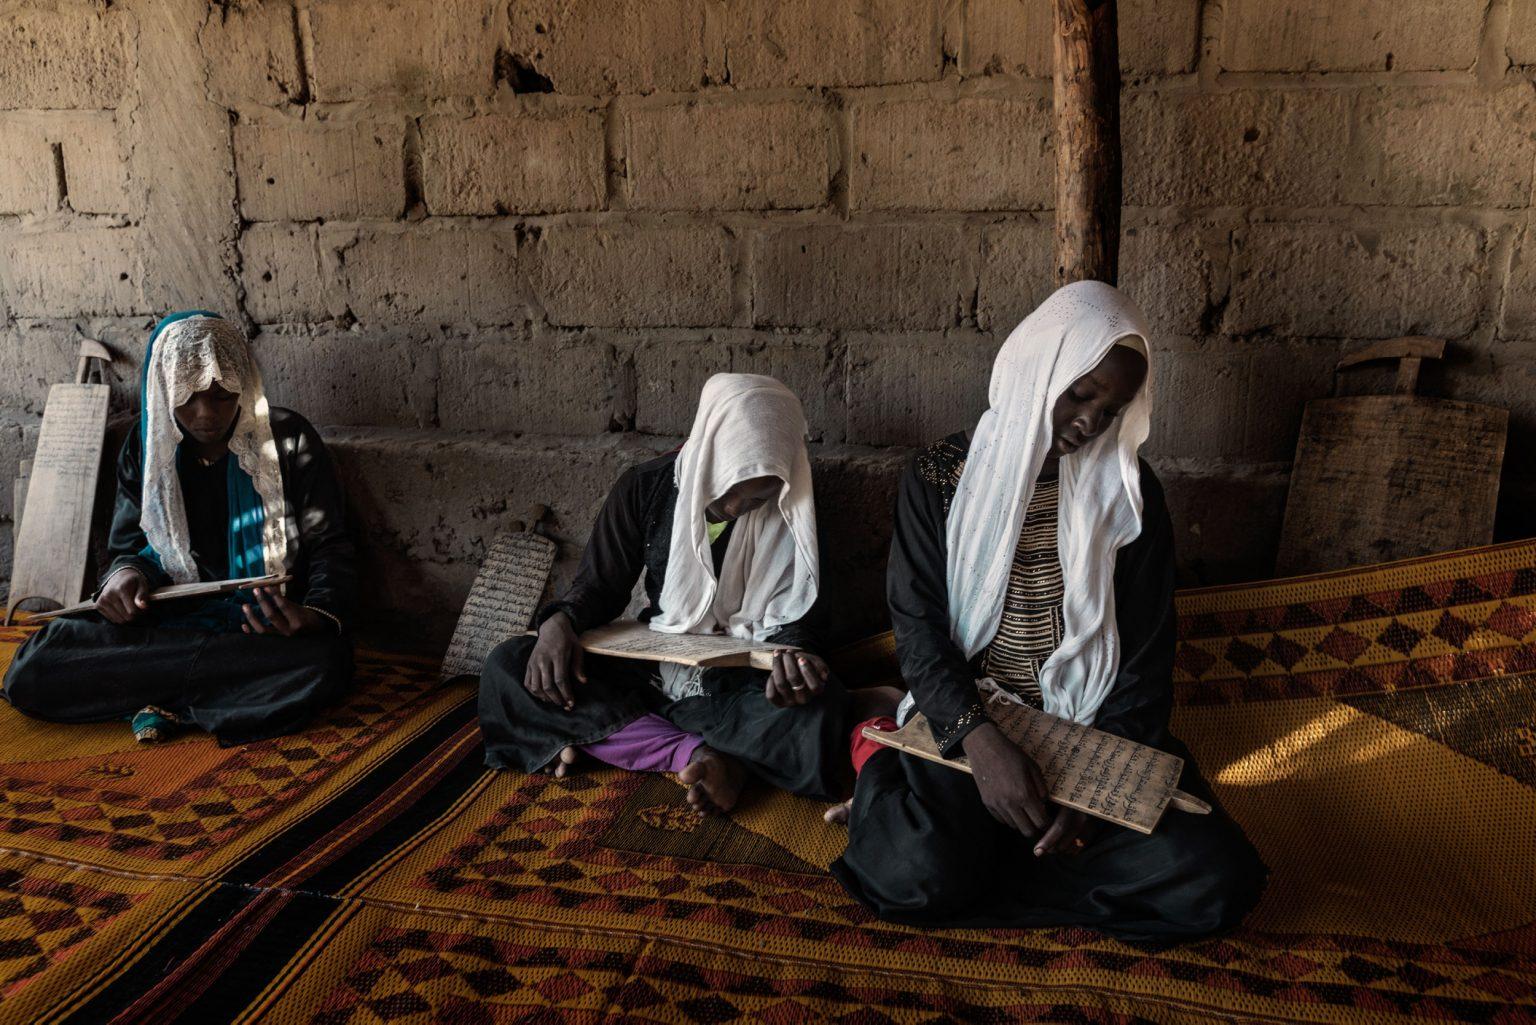 Africa, Chad, Bol, October 2018 - The madrasa, or Koran school, of Yusuf Abakar Kori, where 390 children study and where the true precepts of Islam are taught. >< Africa, Ciad, Bol, Ottobre 2018 - La madrasa o la Scuola del Corano di Yusuf Abakar Kori, dove studiano 390 bambini e dove vengono insegnati i veri precetti dell'Islam.*** SPECIAL   FEE   APPLIES *** *** Local Caption *** 01362907